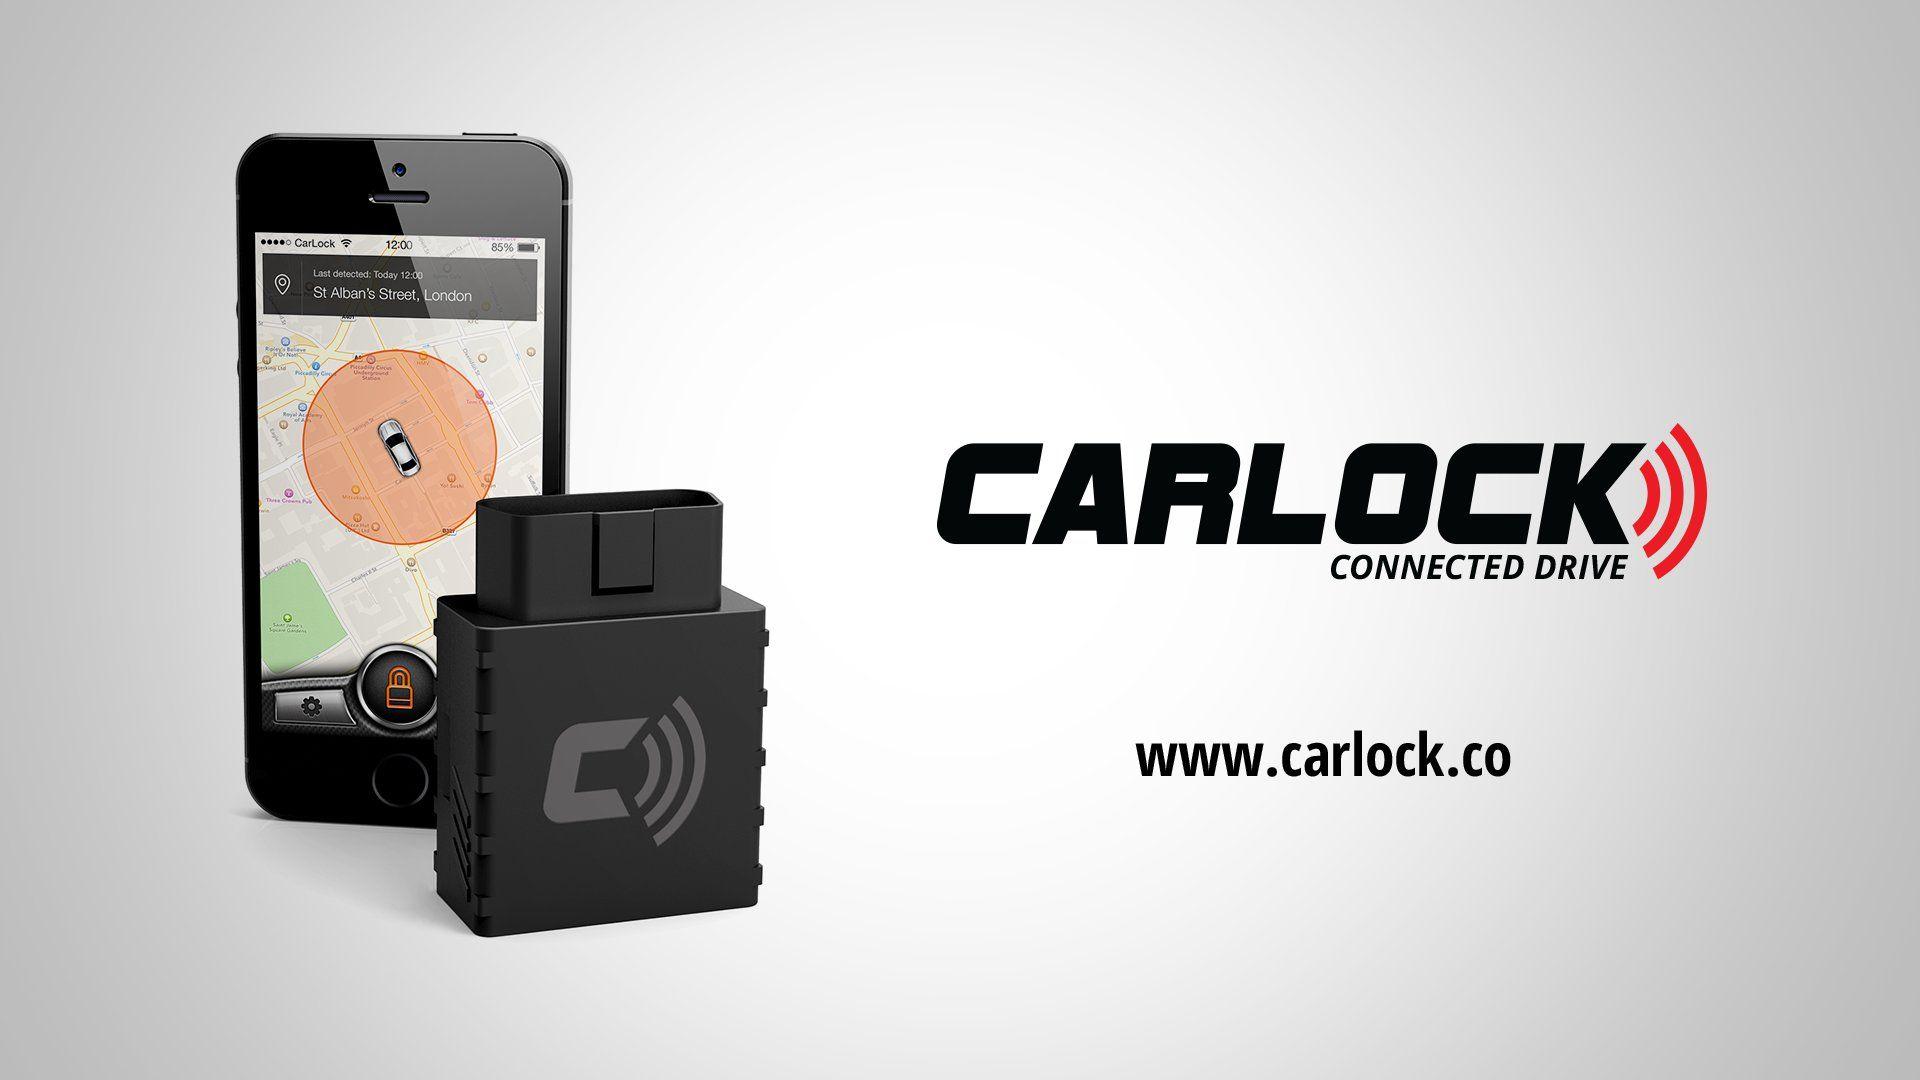 CarLock Usb flash drive, Wearable device, Cool gear